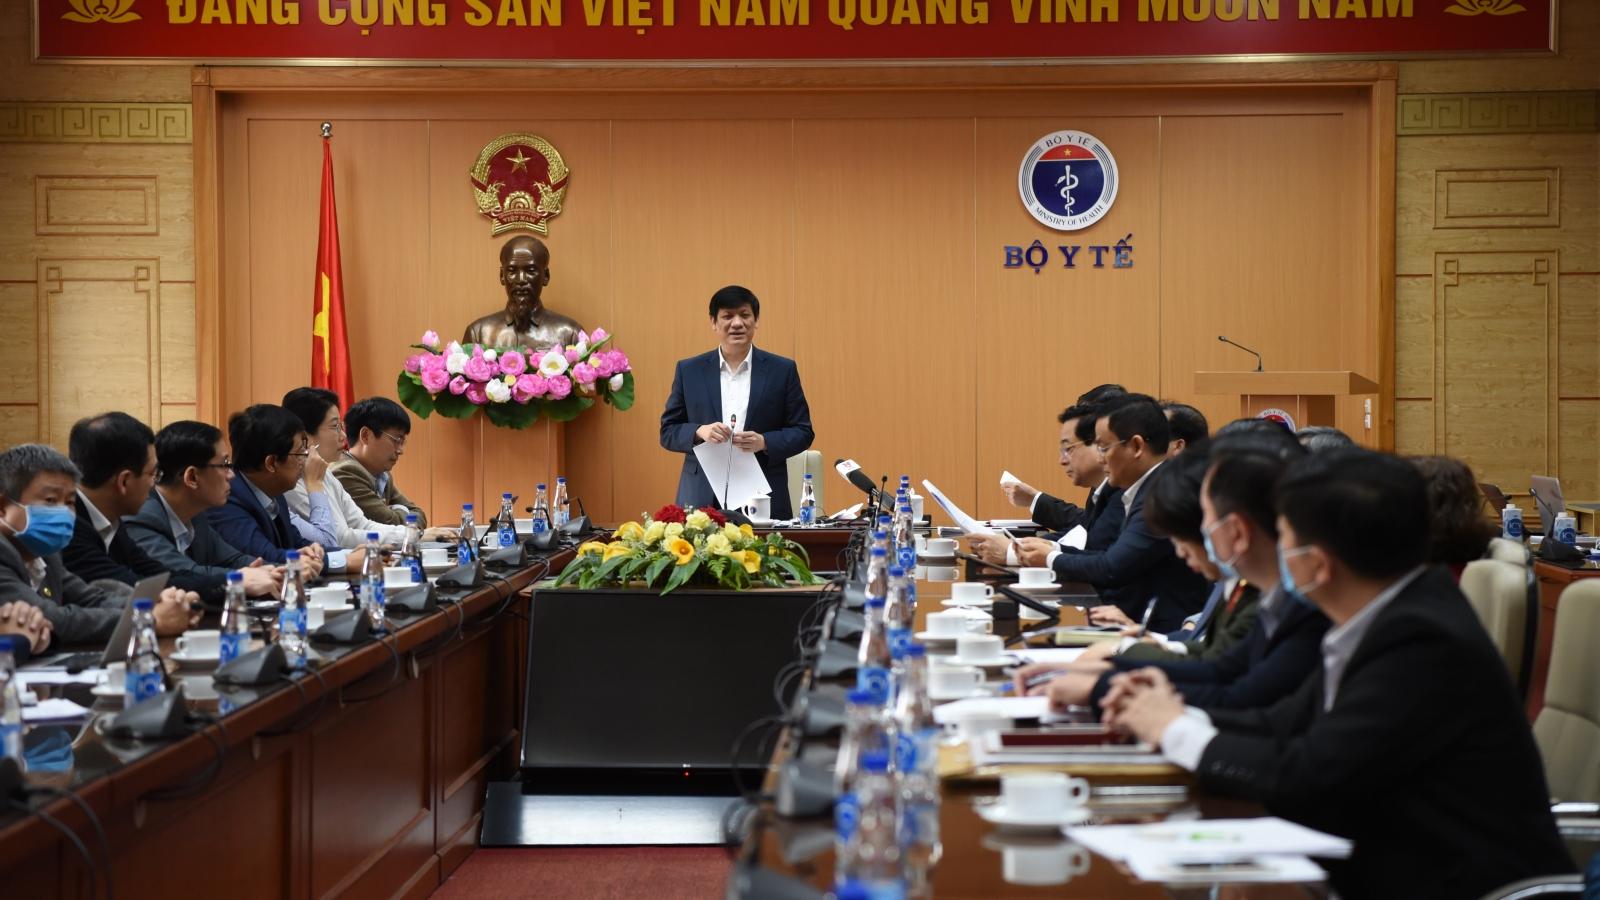 Việt Nam triển khai tiêm vaccine Covid-19 đảm bảo an toàn tối đa cho người dân